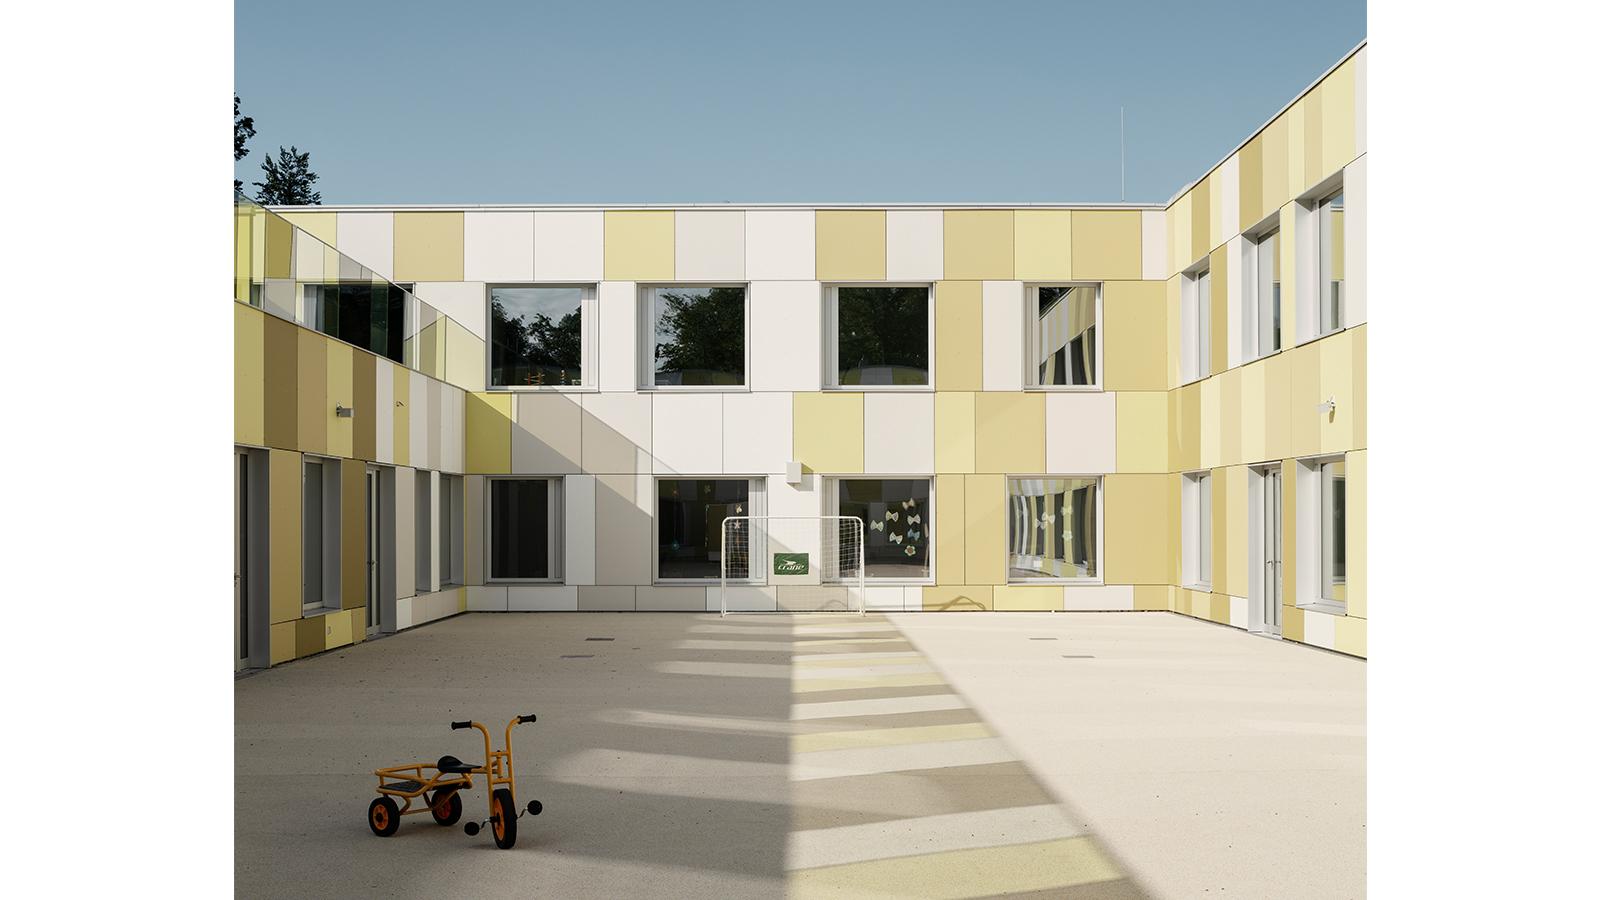 h2m-architekten-kinder-und-jugendpsychiatrie-geschuetzter-innenhof-spielhof-farben